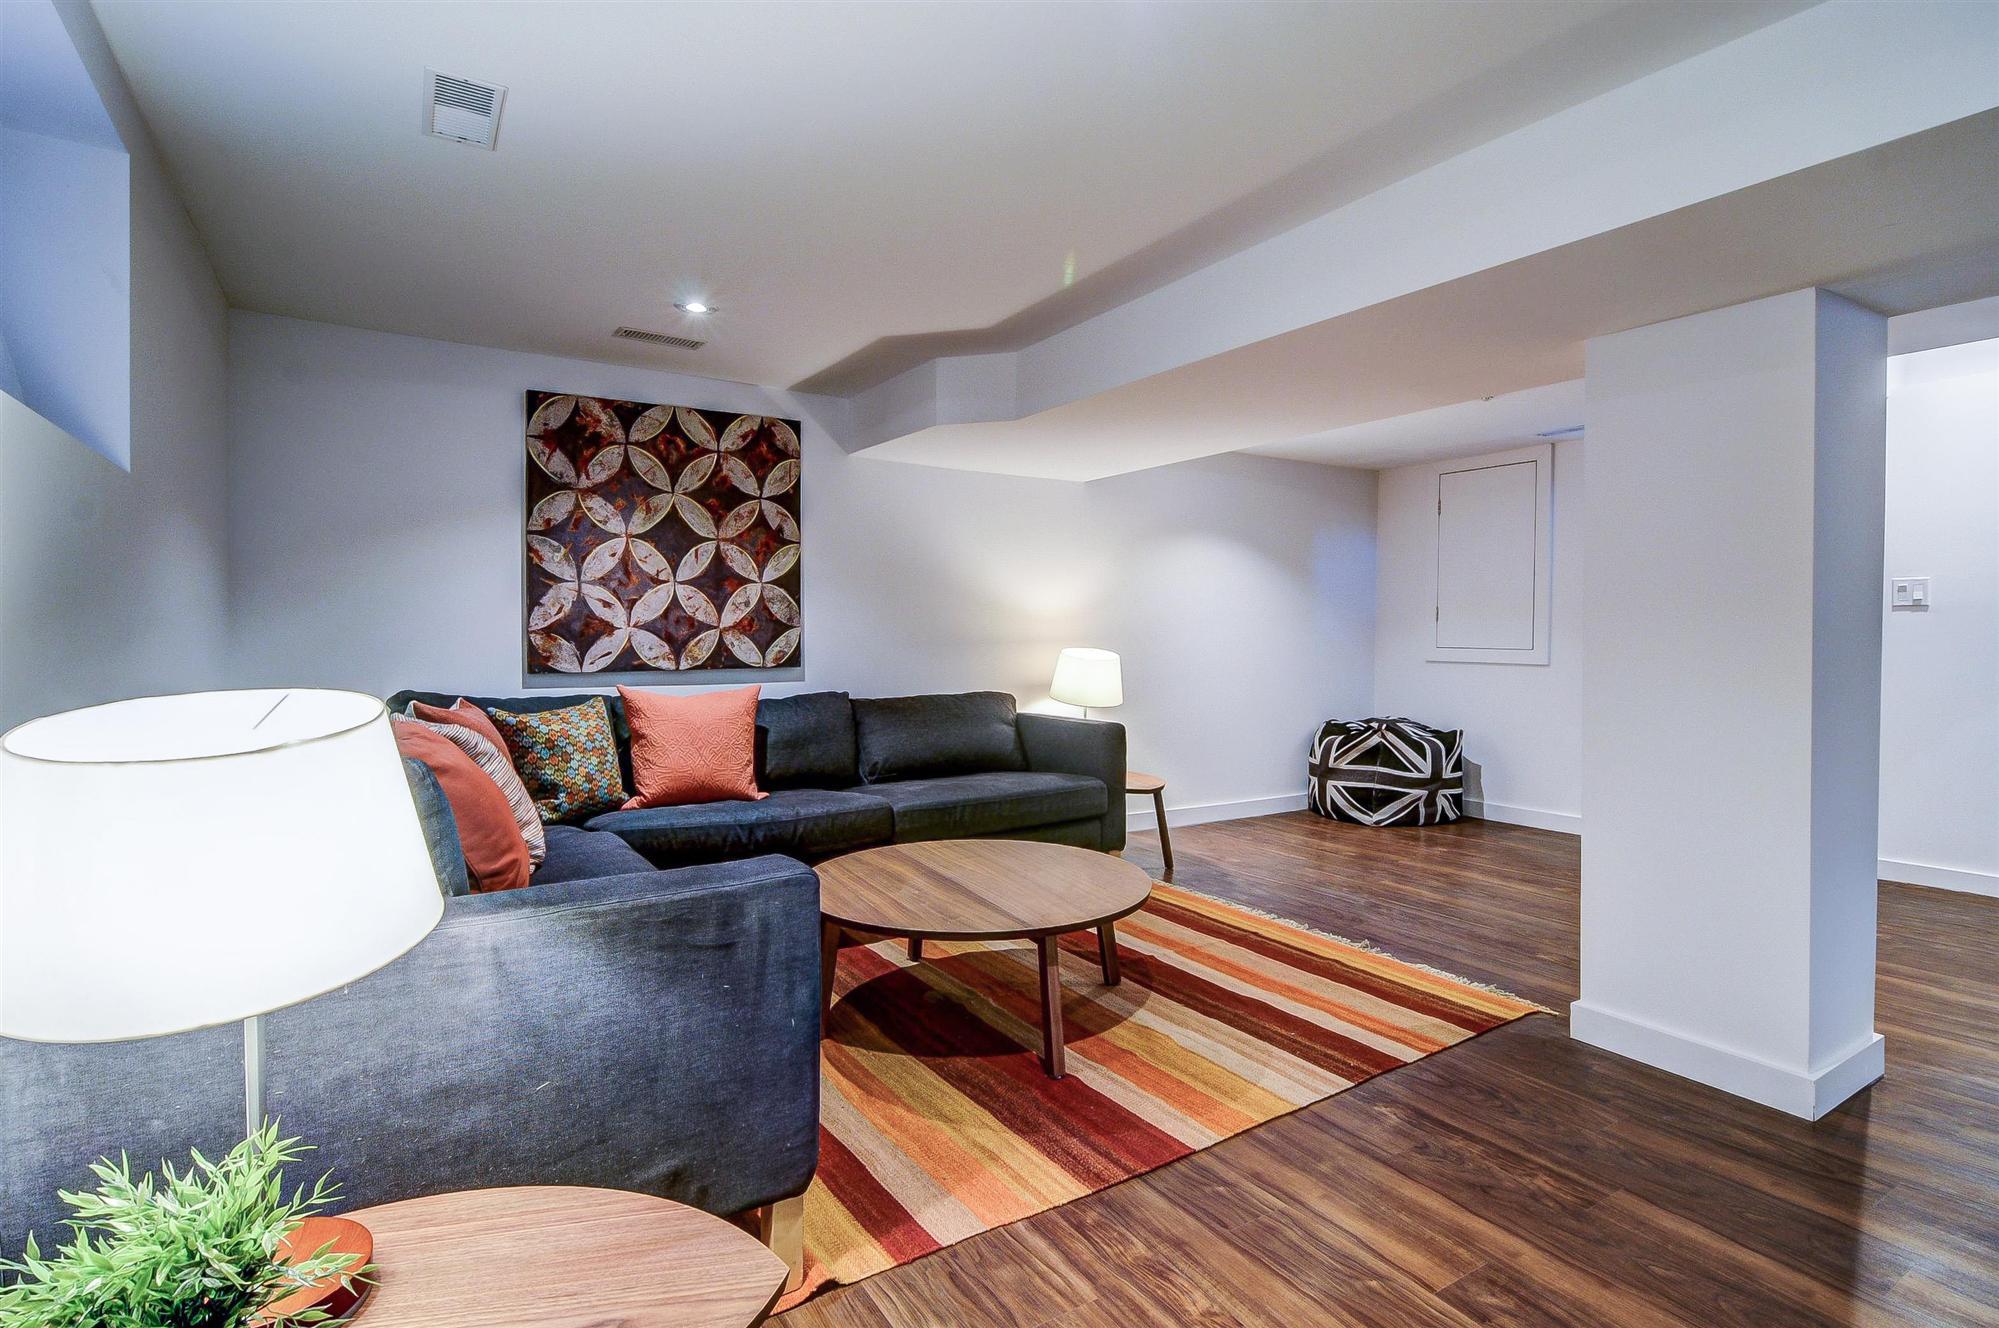 toronto-house-for-sale-32-elmer-avenue-10